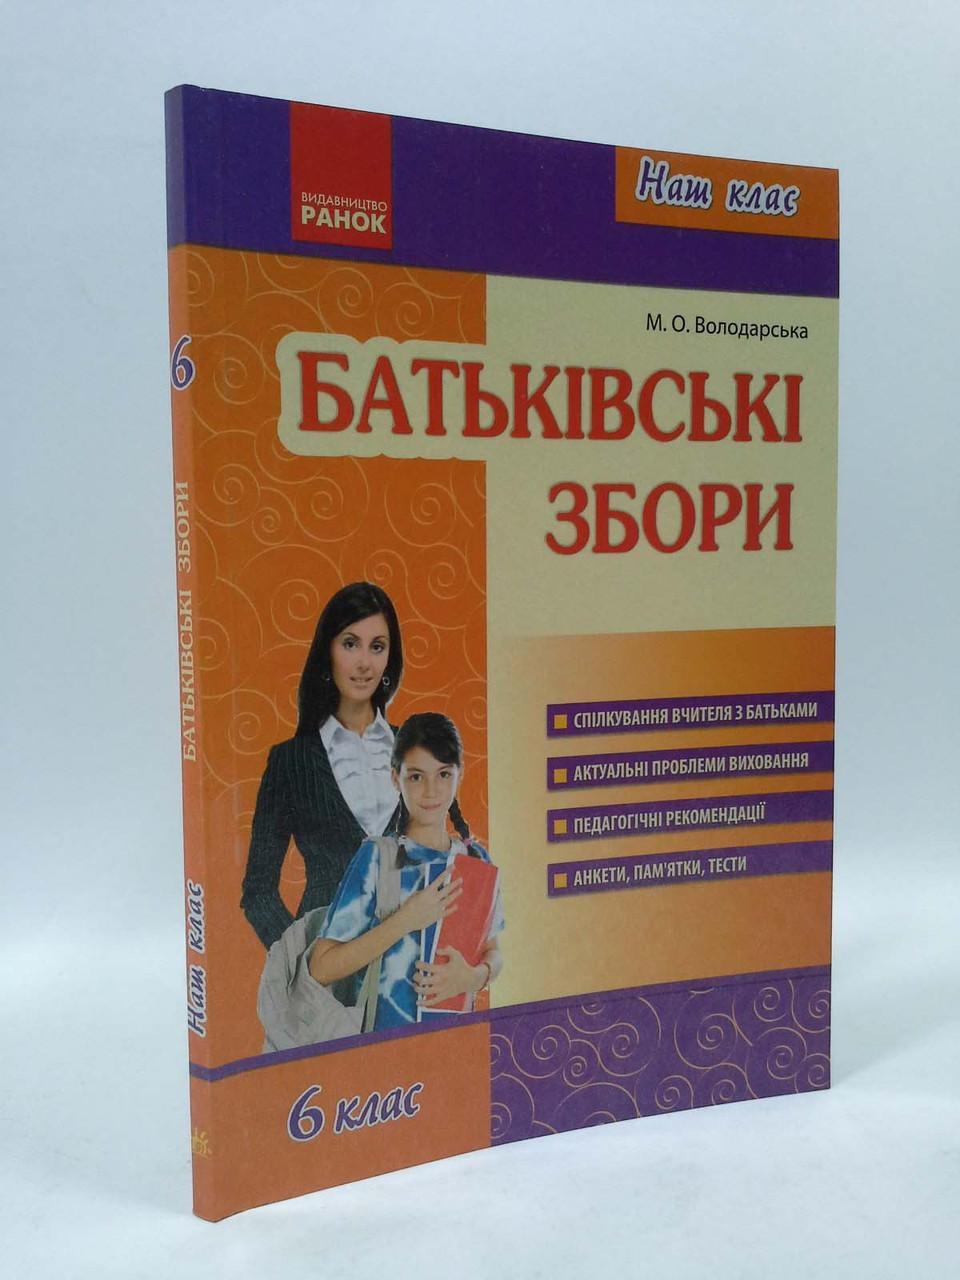 Ранок Наш клас Батьківські збори 006 кл Володарська